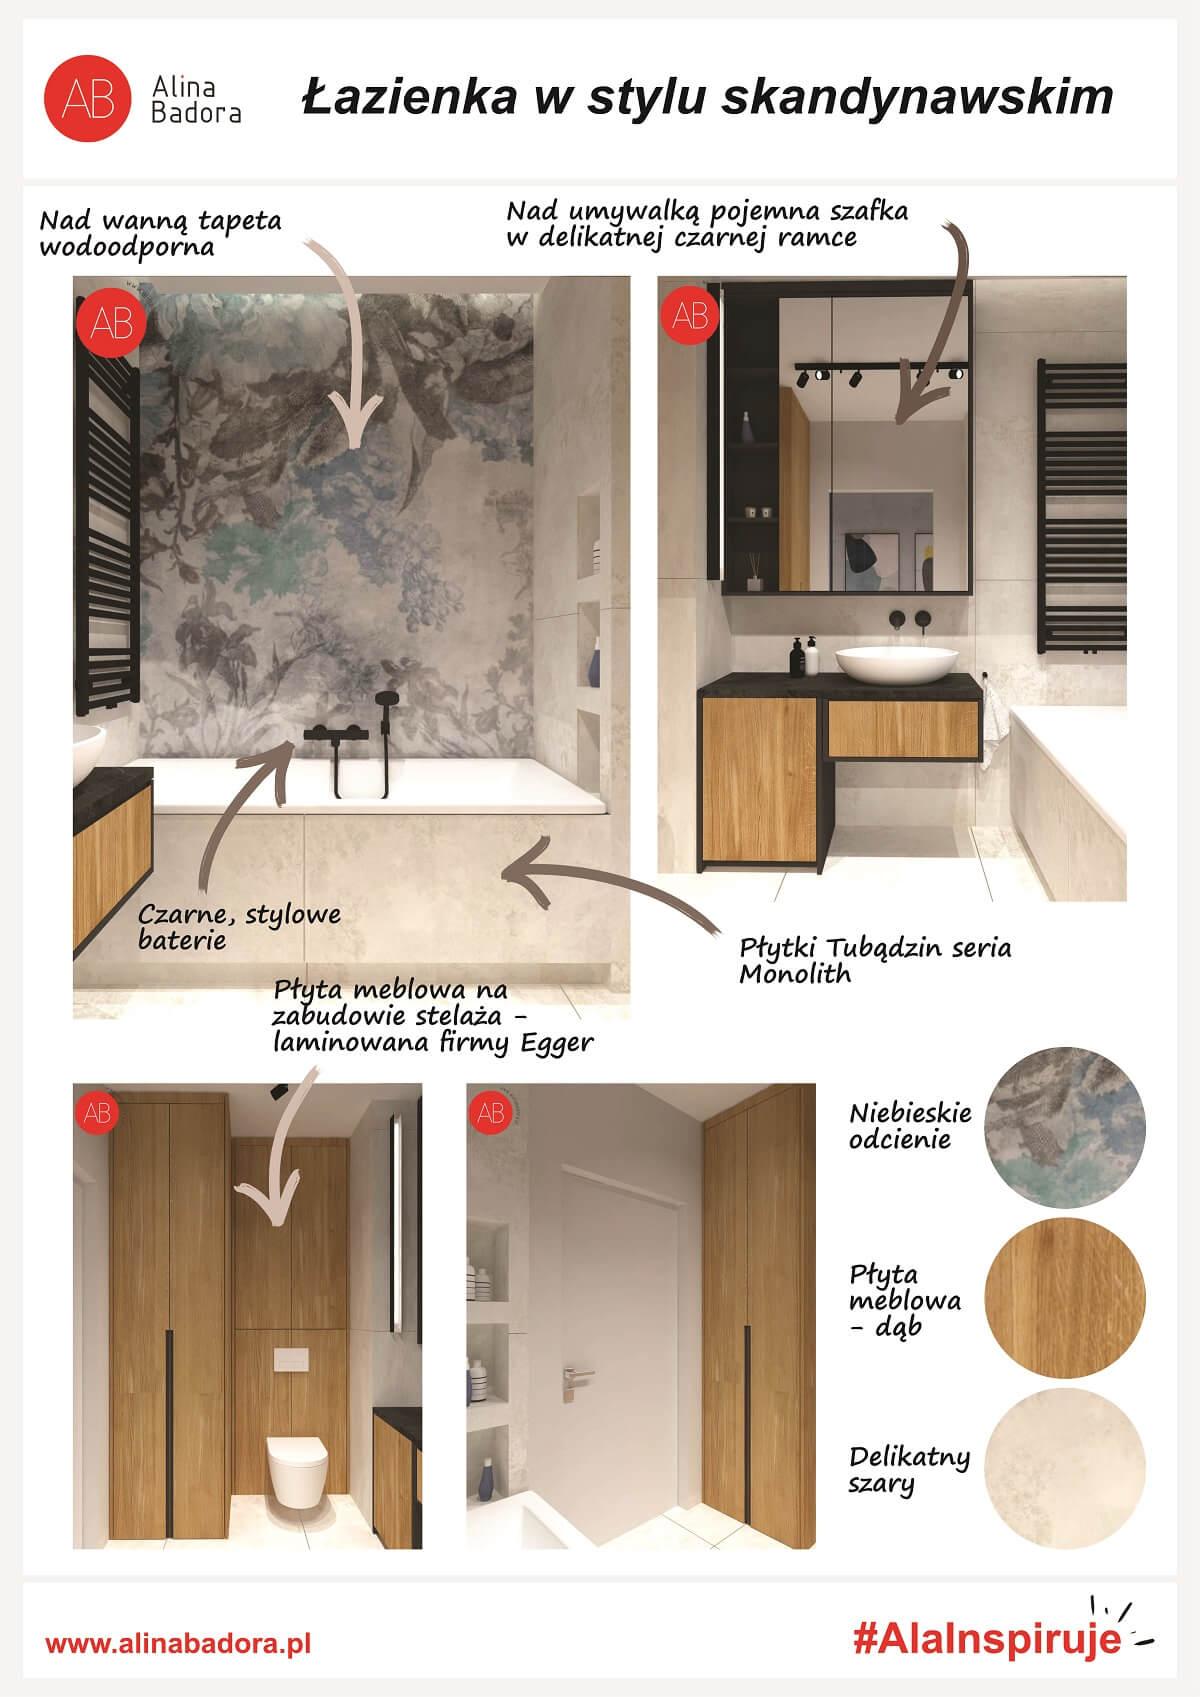 Inspiracje Ali - jak urządzić łazienkę w stylu skandynawskim